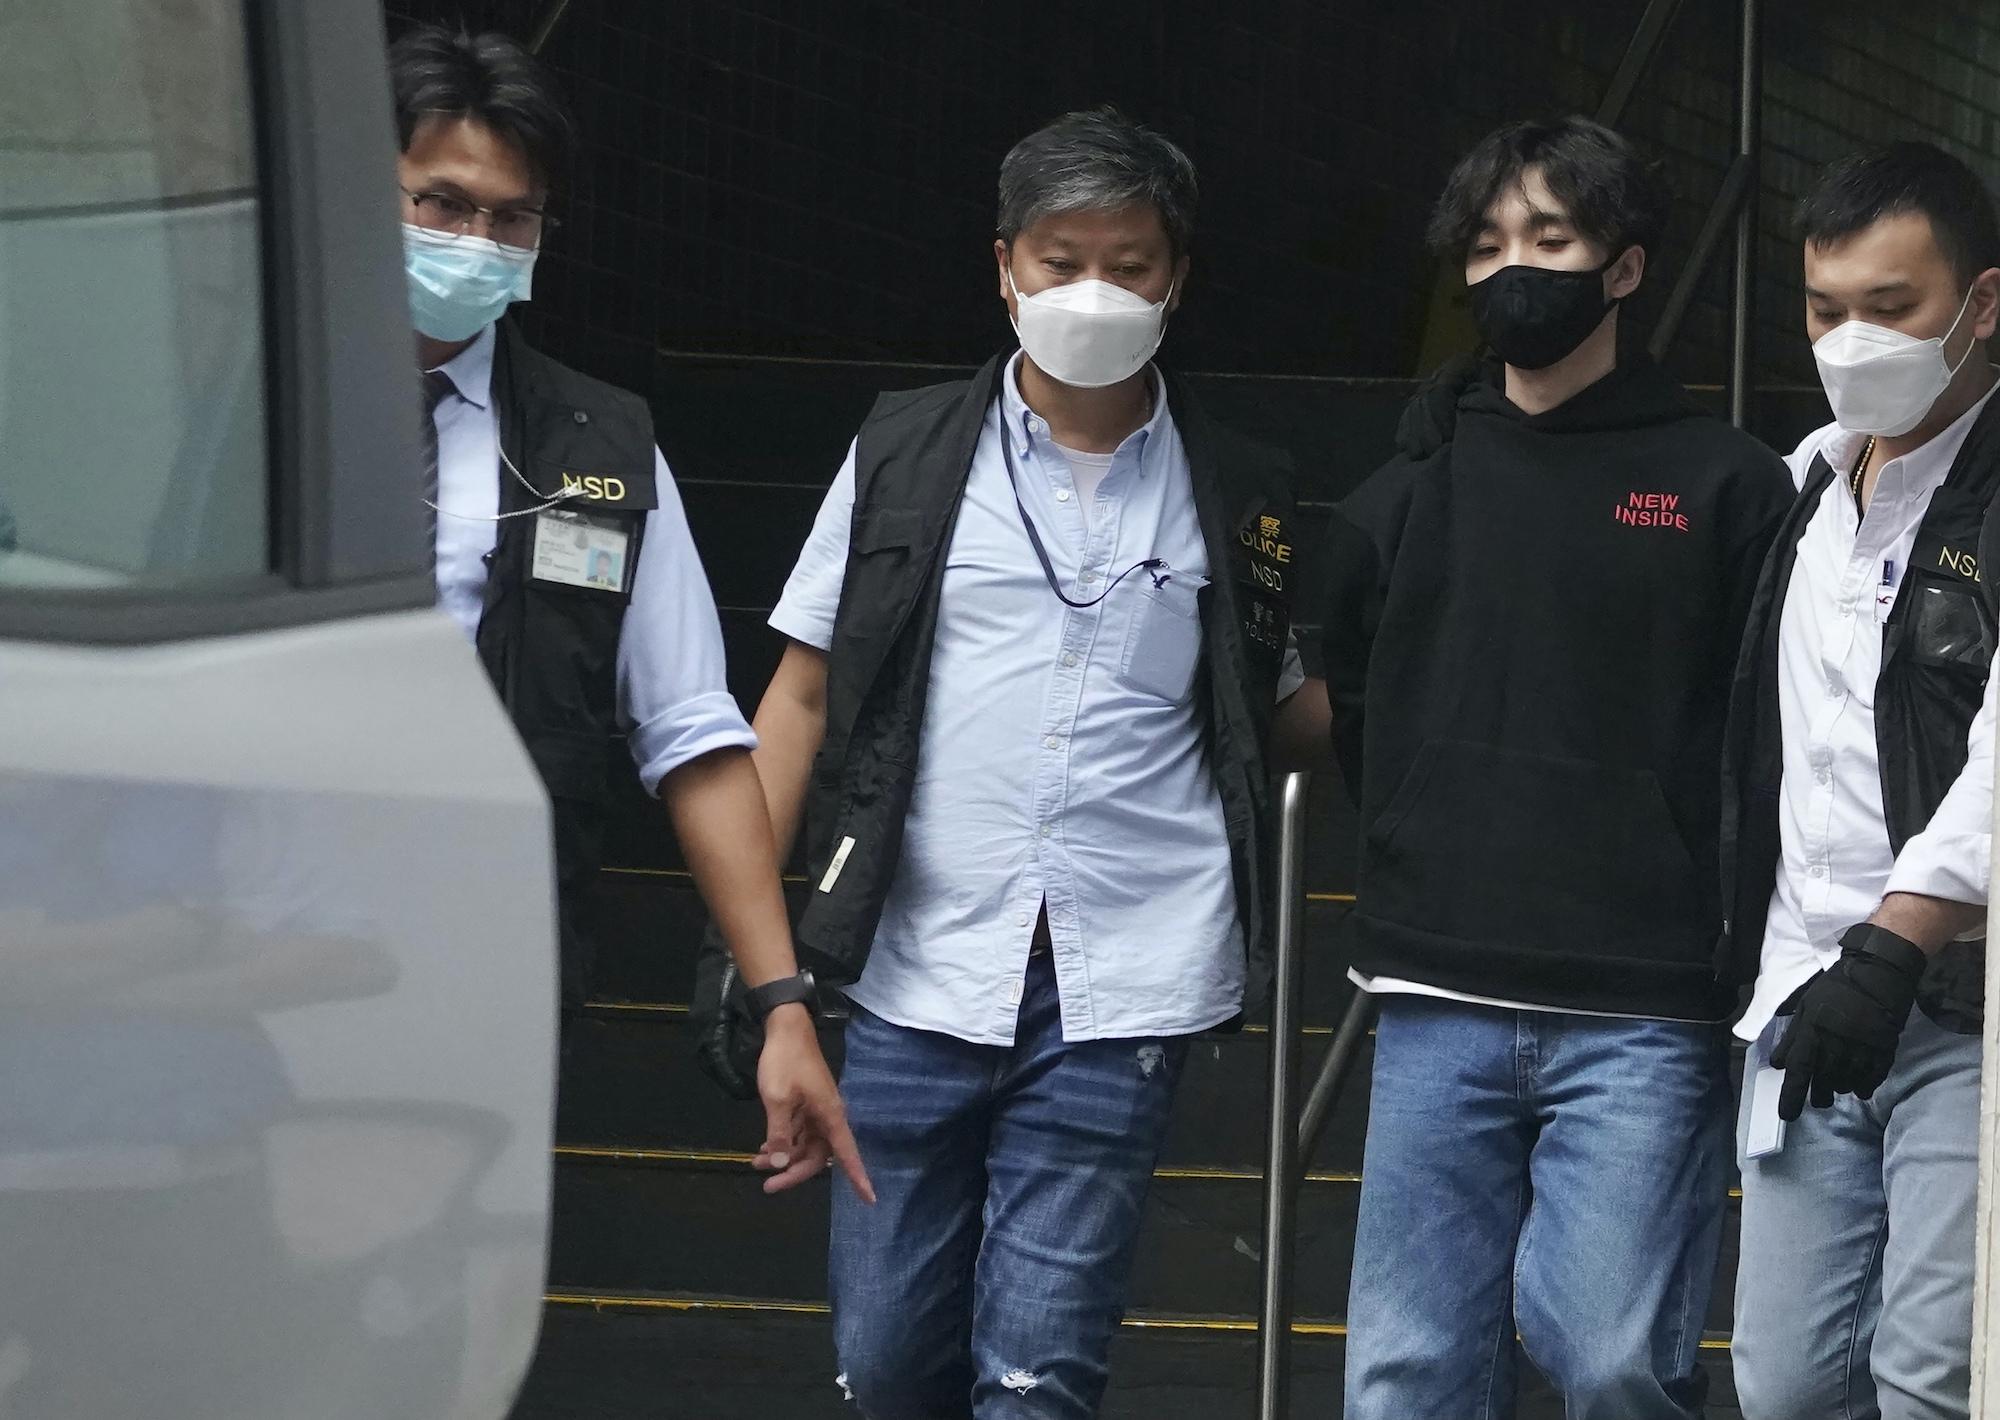 arrest Hong Kong national